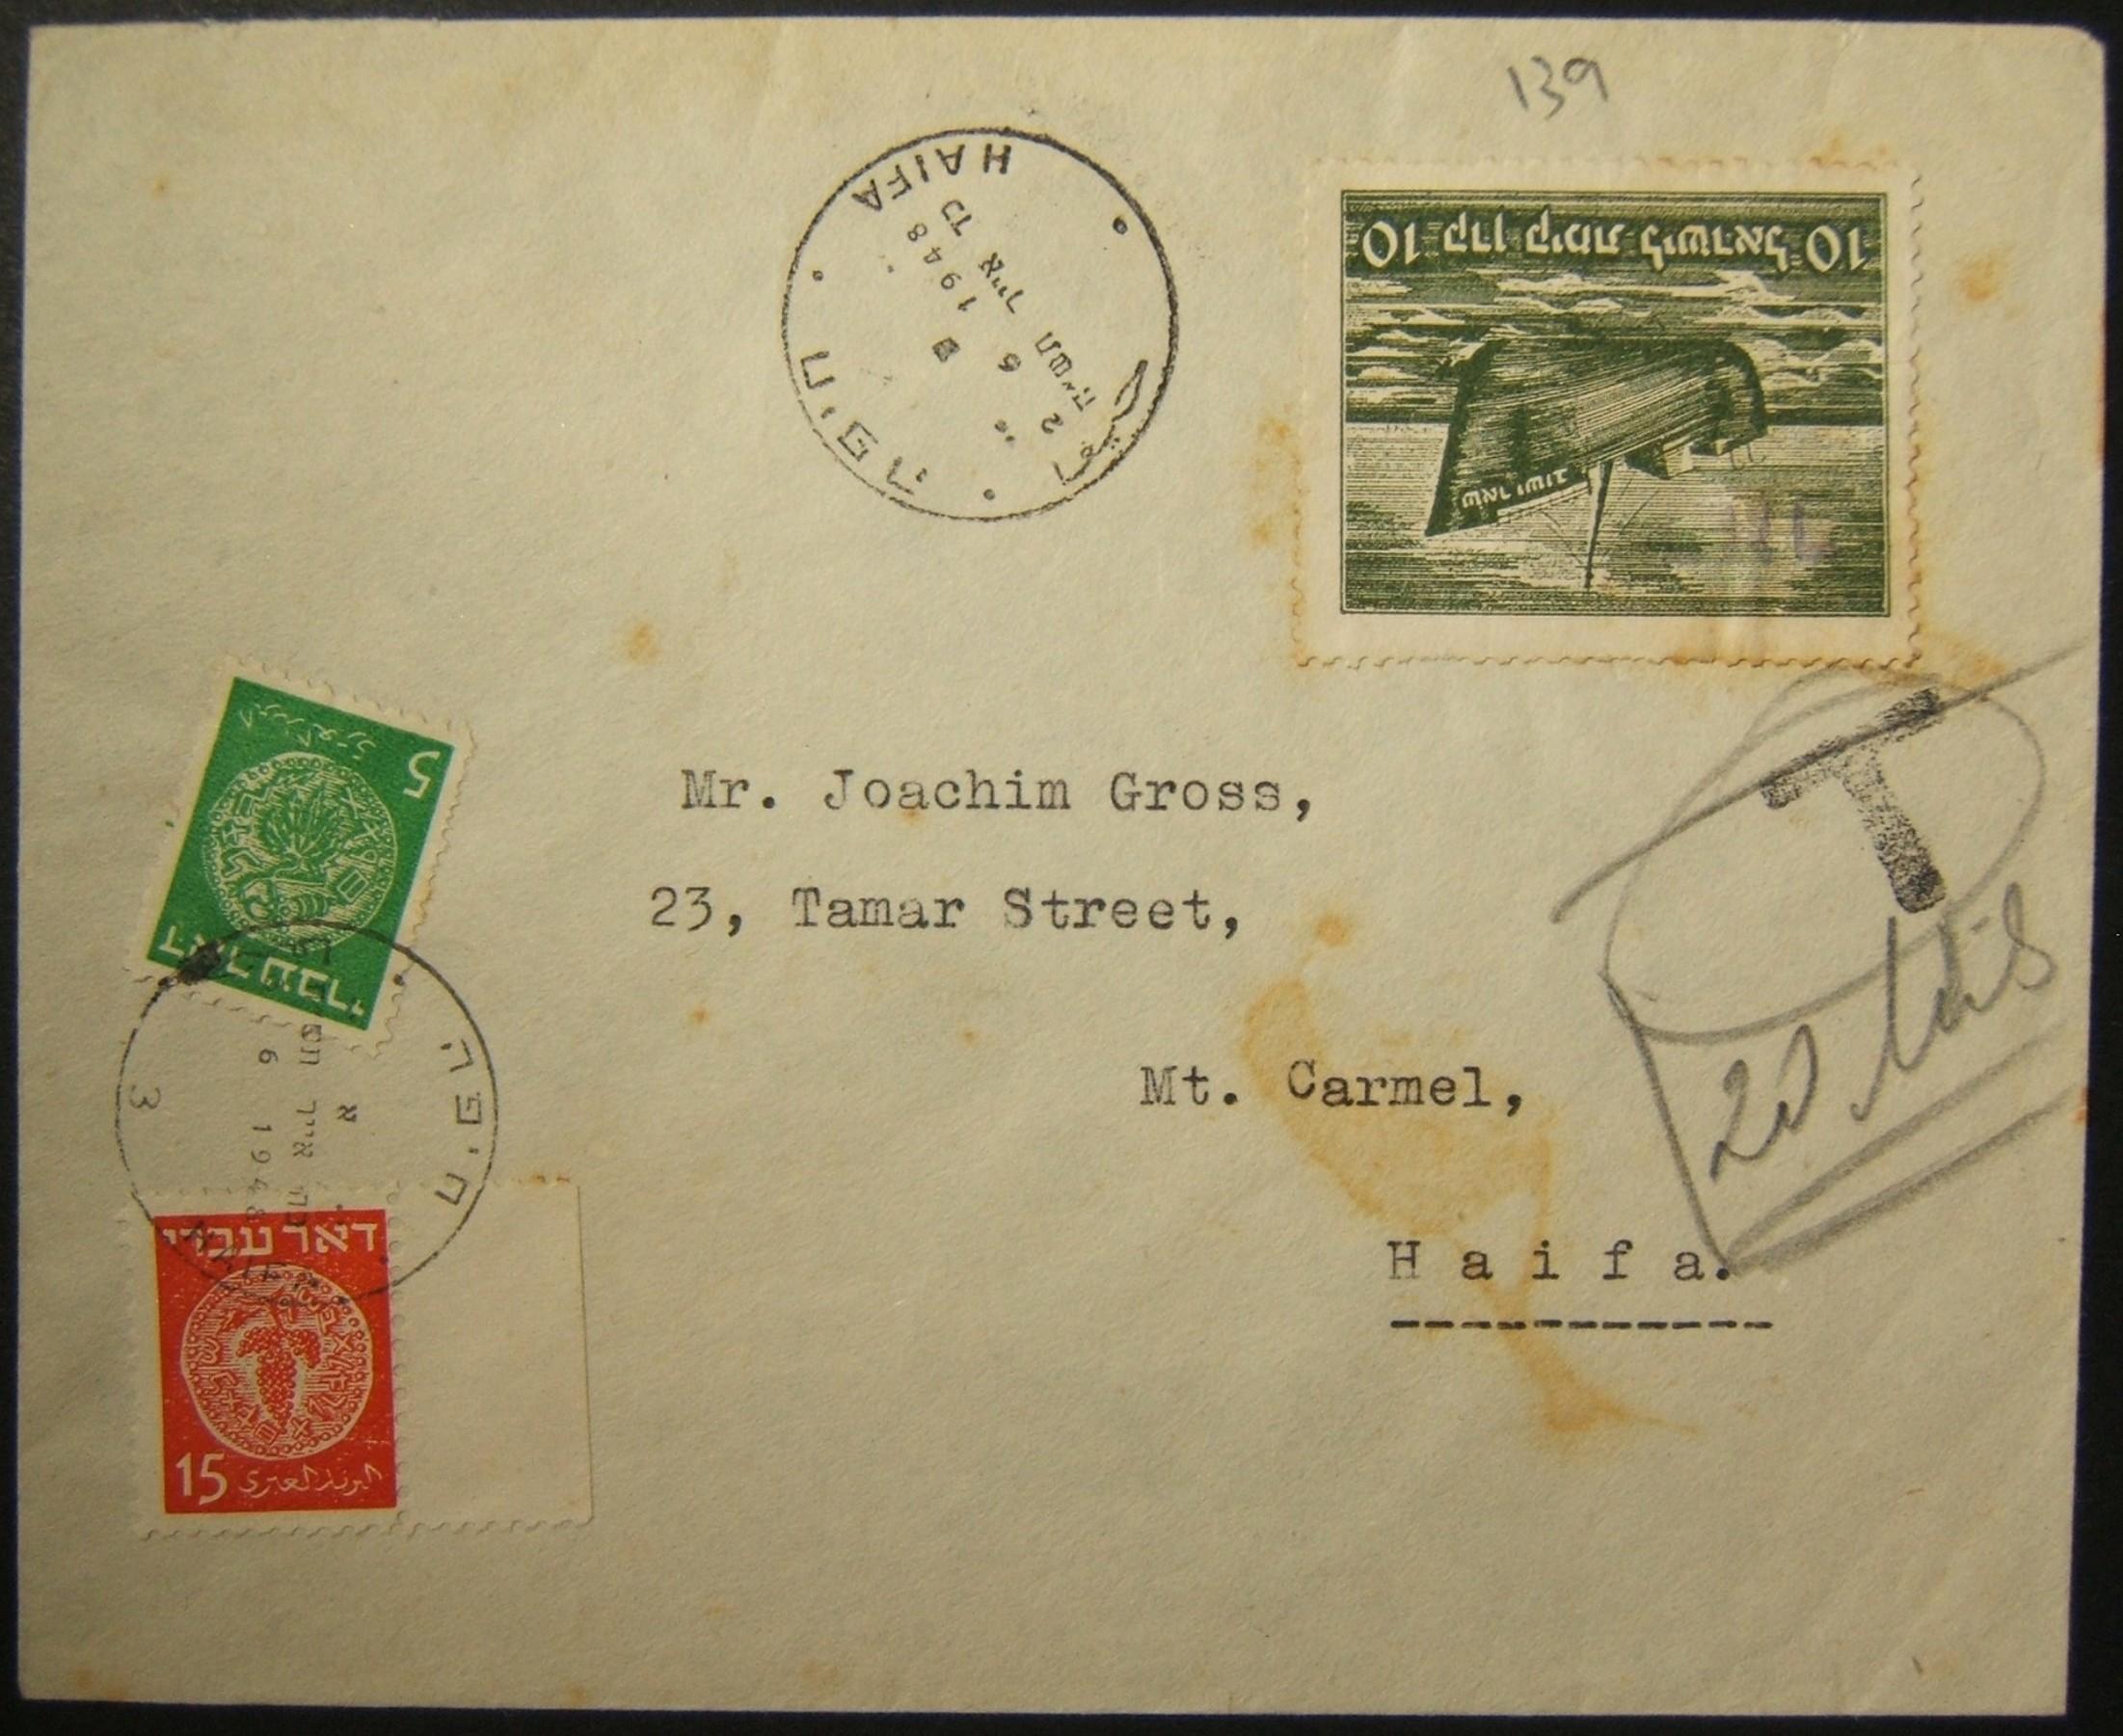 1948 طوابع دوار إيفري كمستحقات بريدية على بريد حيفا المحلي مع صريحة مكررة